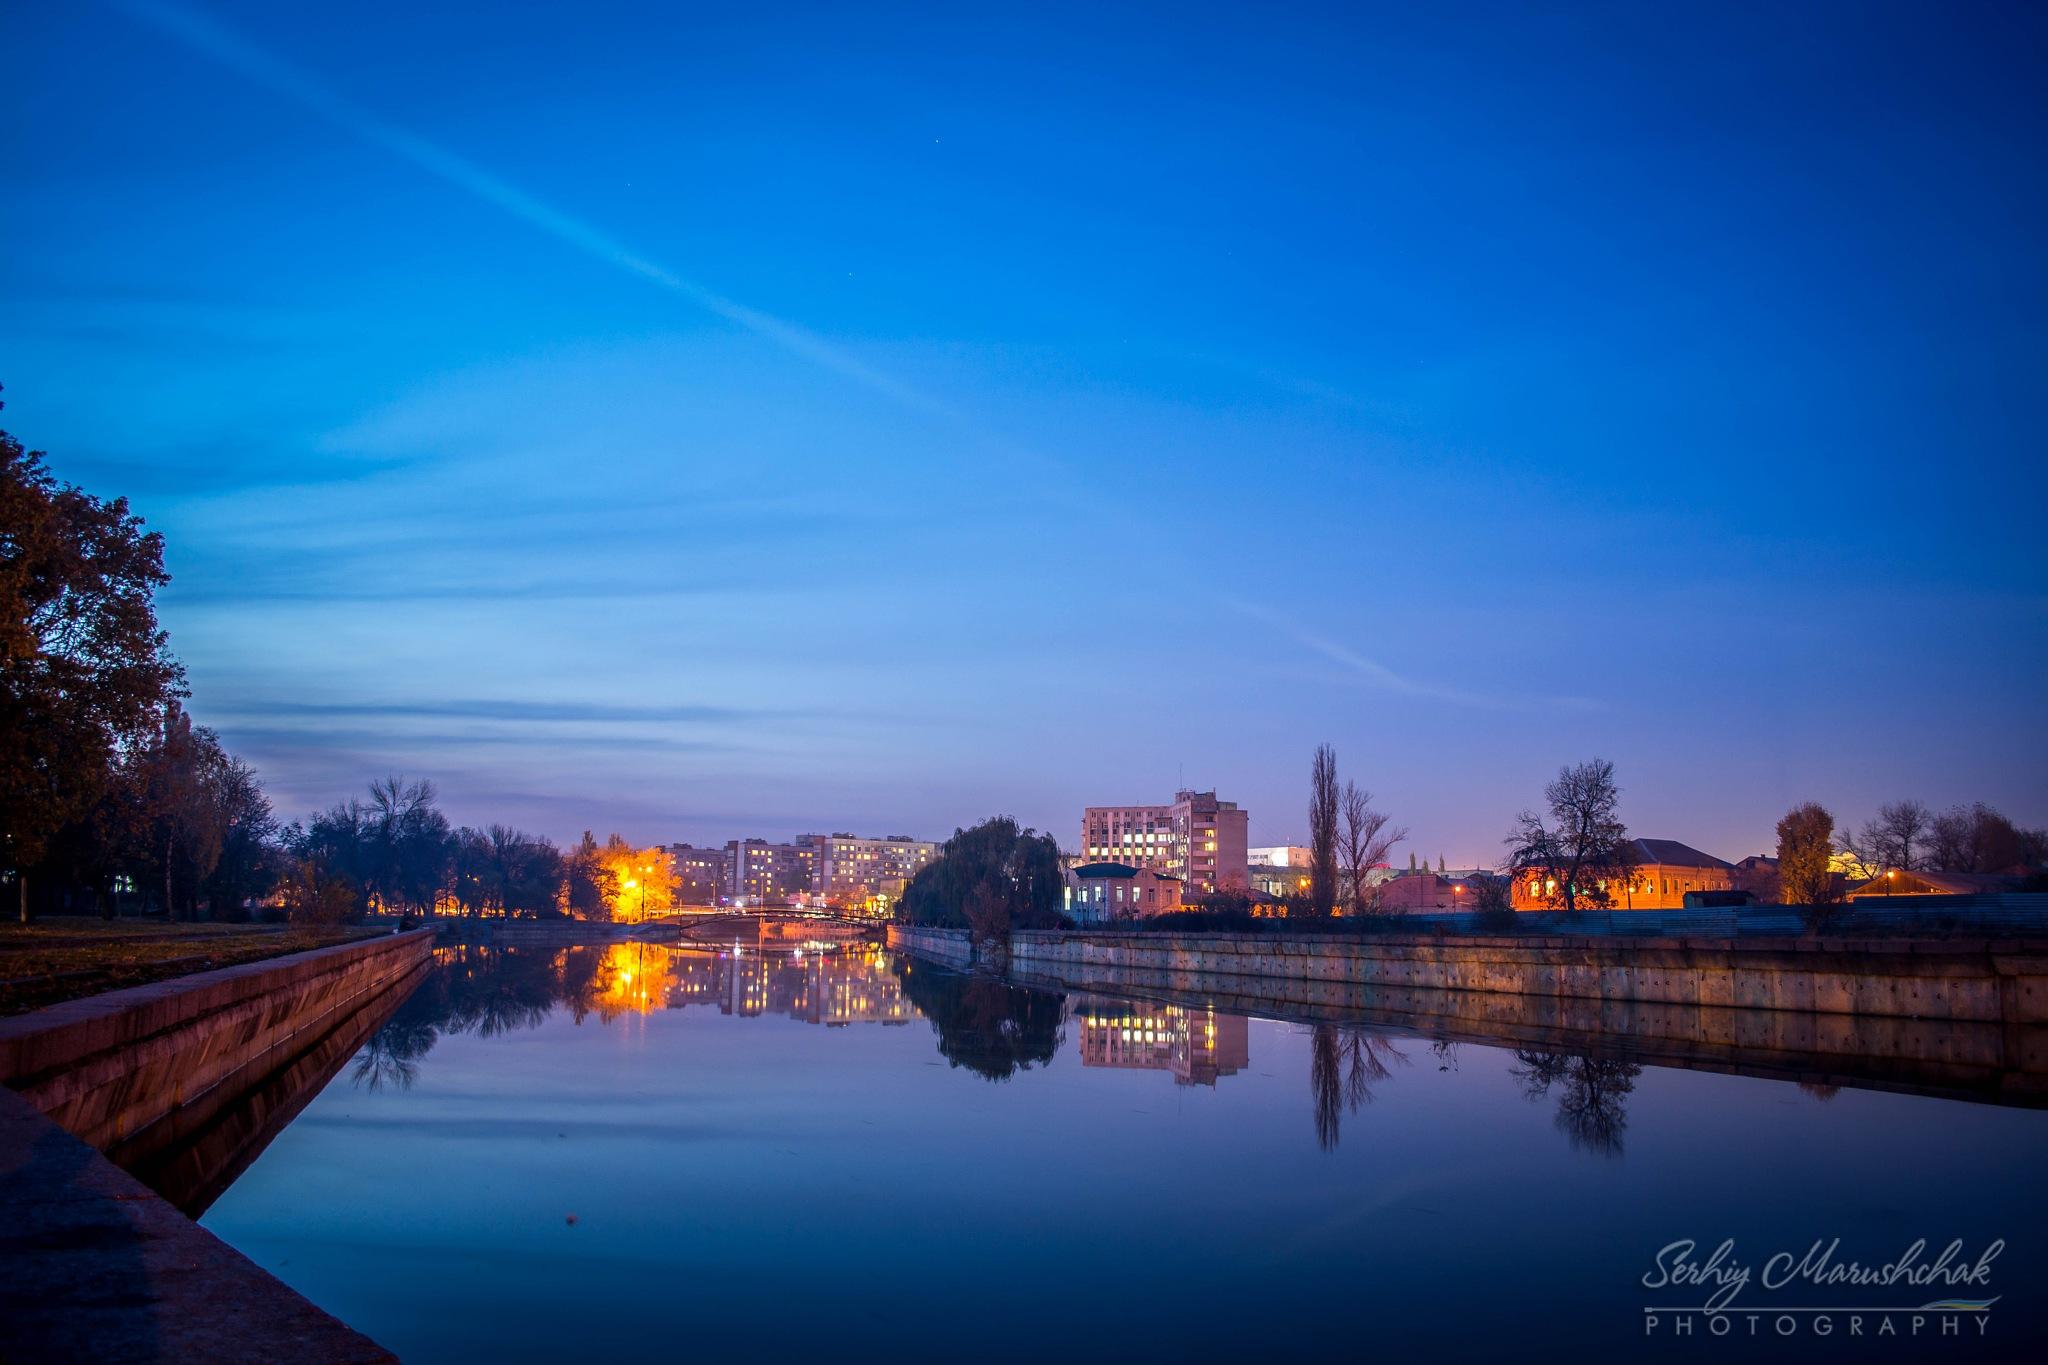 Вечір над рікою... / Evening over the river... by artmars07